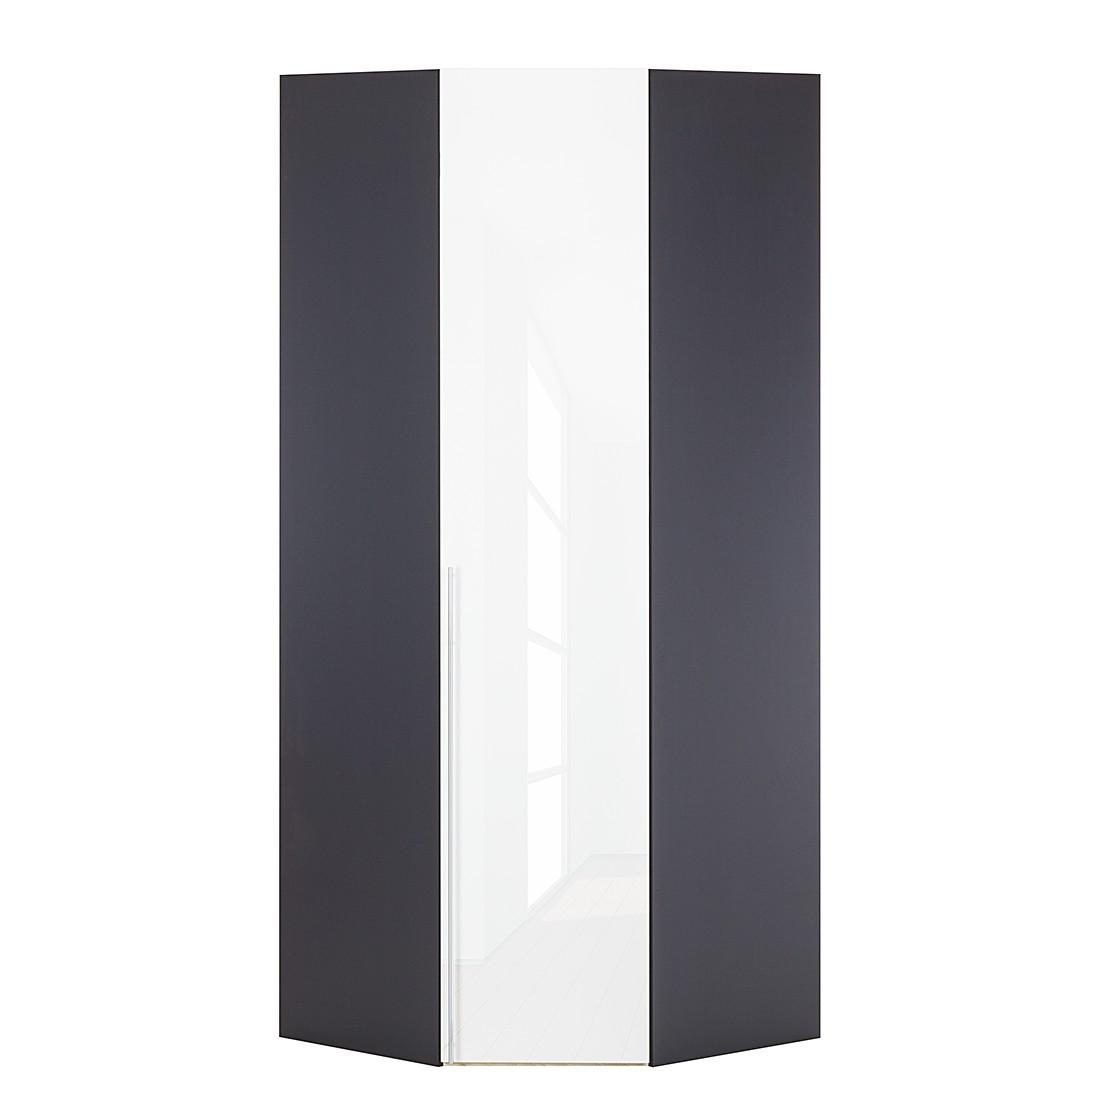 Eckschrank Melva – Graphit/LackWeiß – BxH: 92,3 x 216 cm, Solutions günstig kaufen